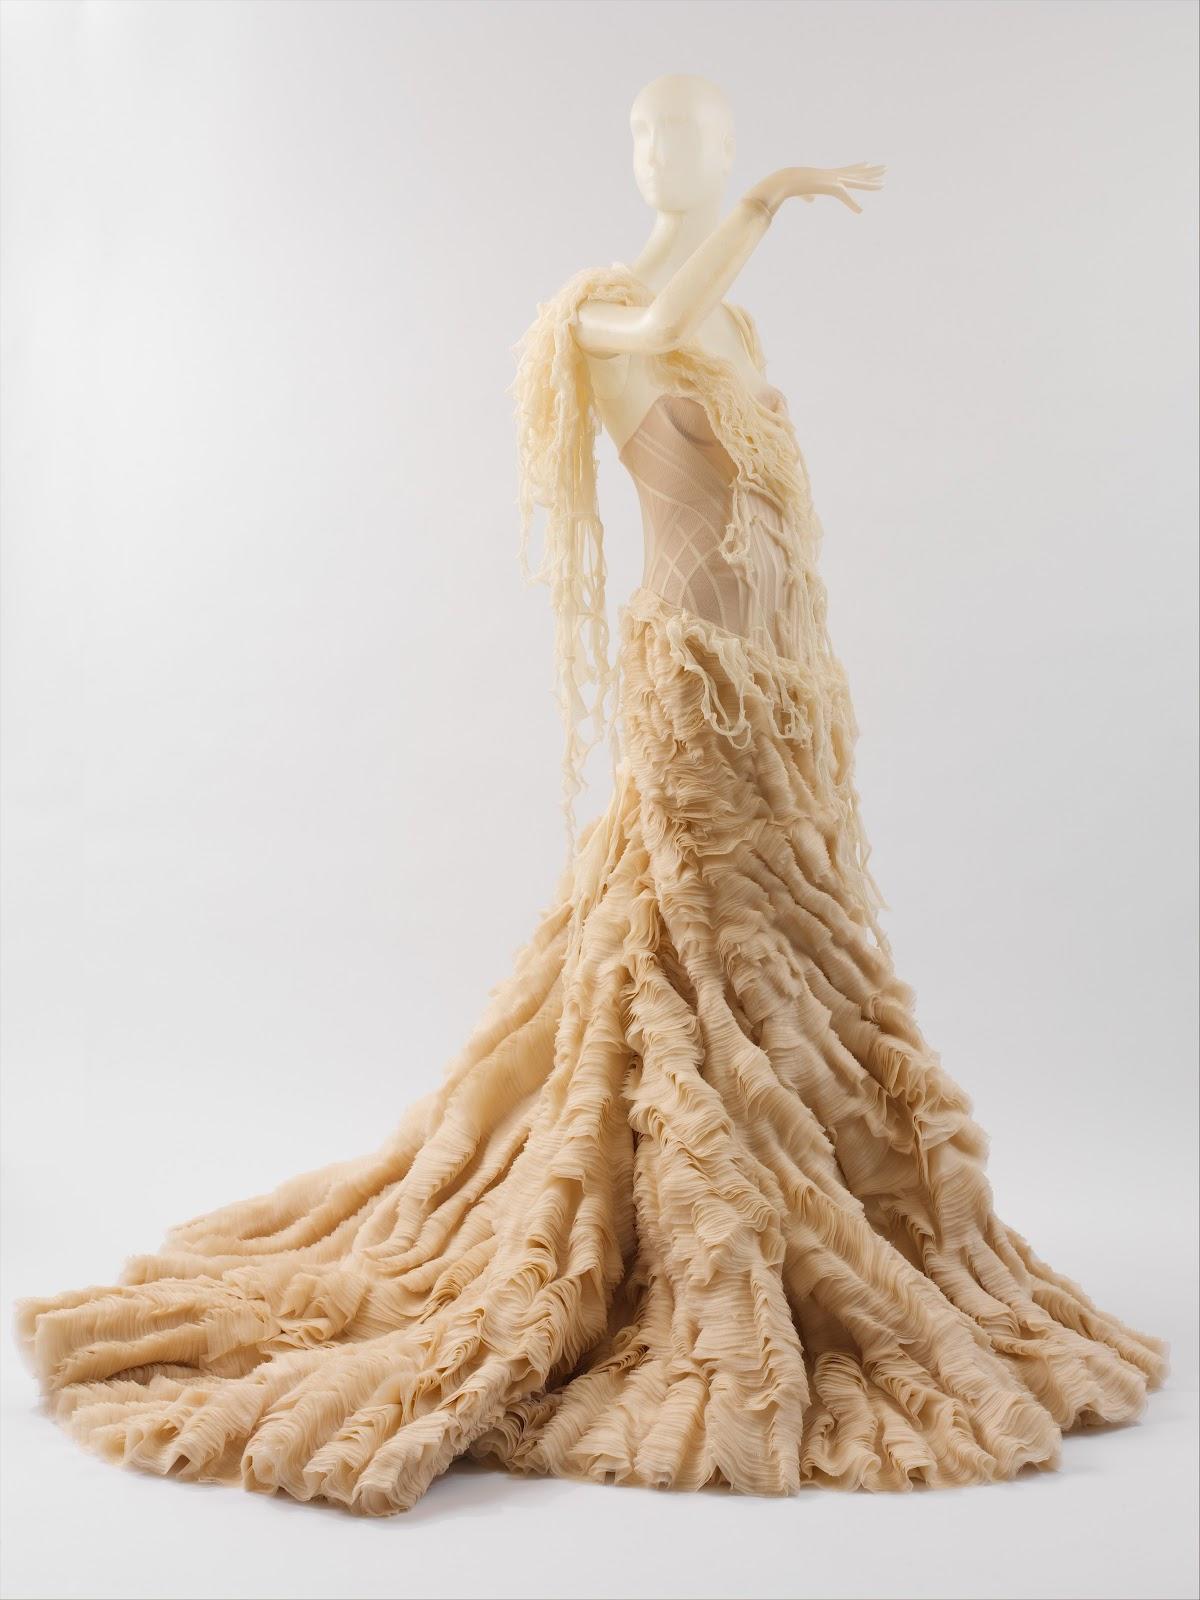 http://1.bp.blogspot.com/-RUK9L-qL4XY/T2dlwrlml3I/AAAAAAAAA20/M1AifJSw2OY/s1600/Oyster+Dress.jpg